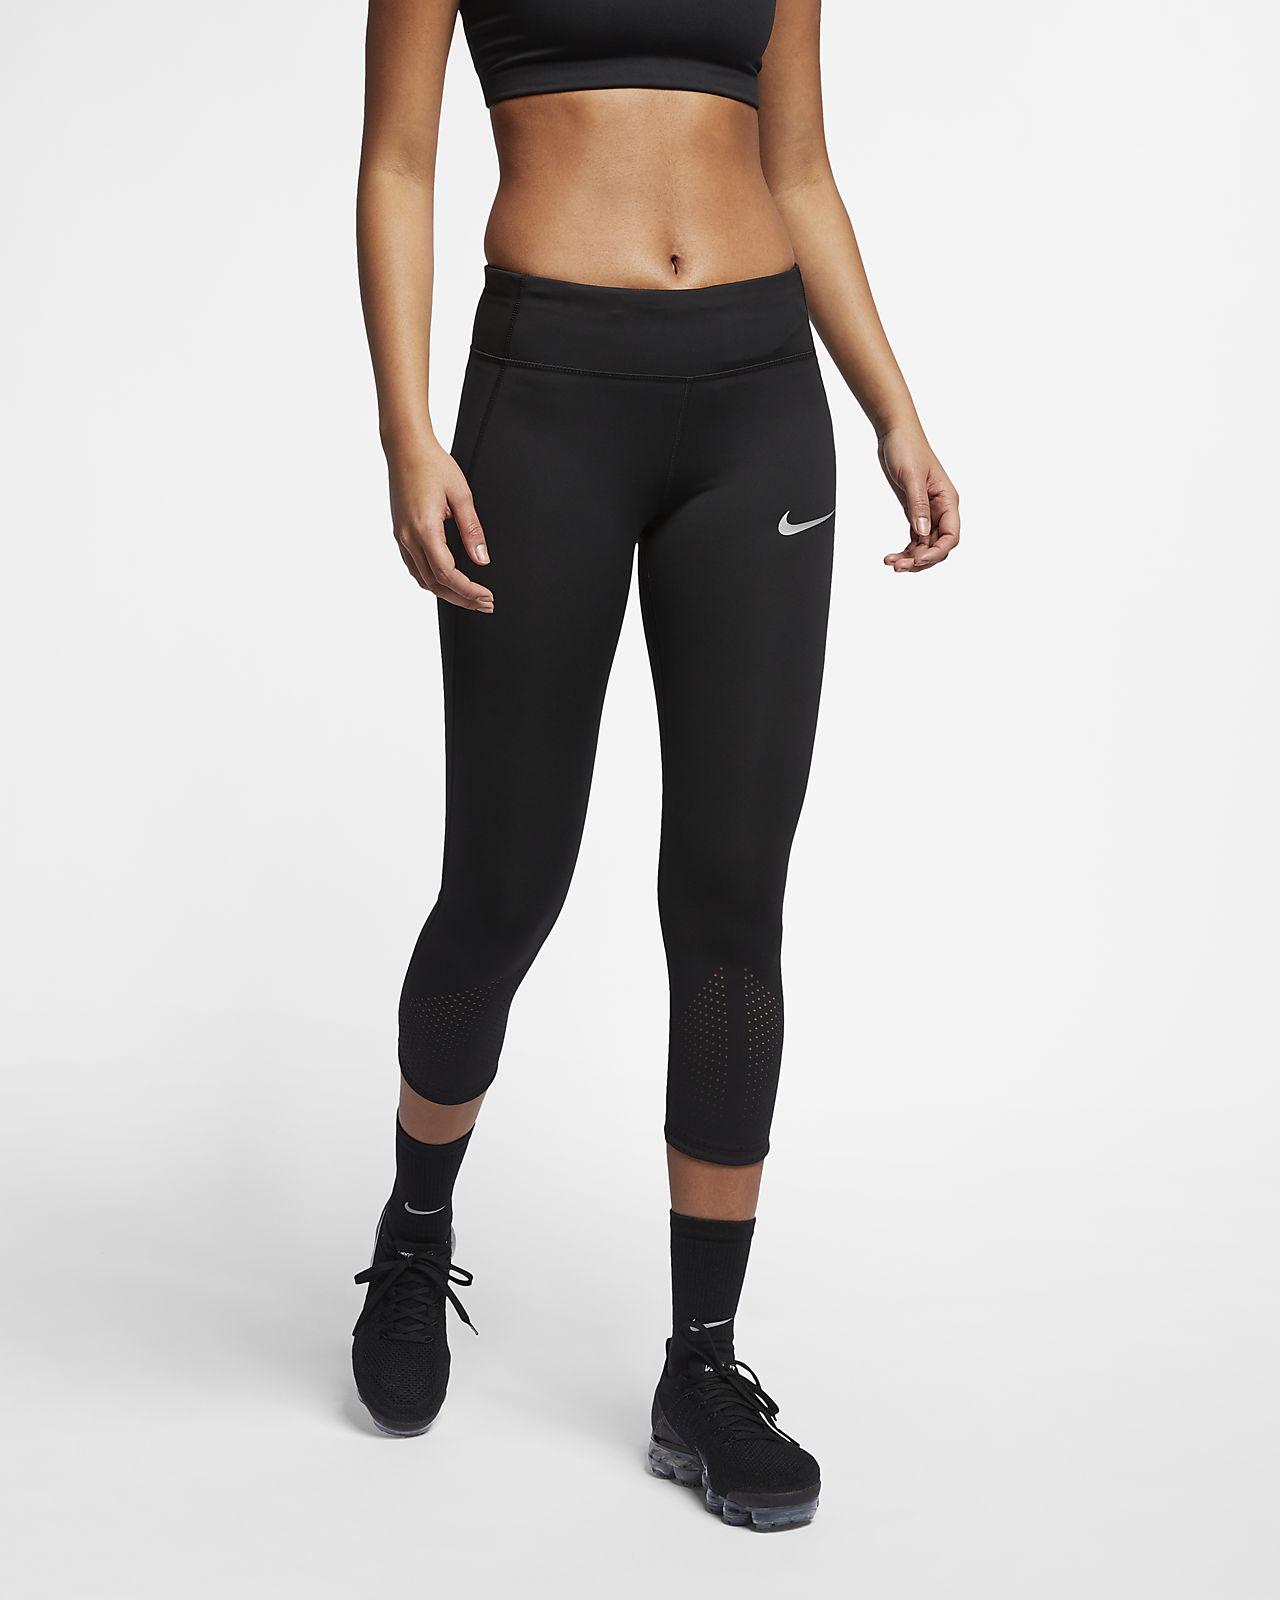 Trekvartslånga löpartights Nike Epic Lux för kvinnor